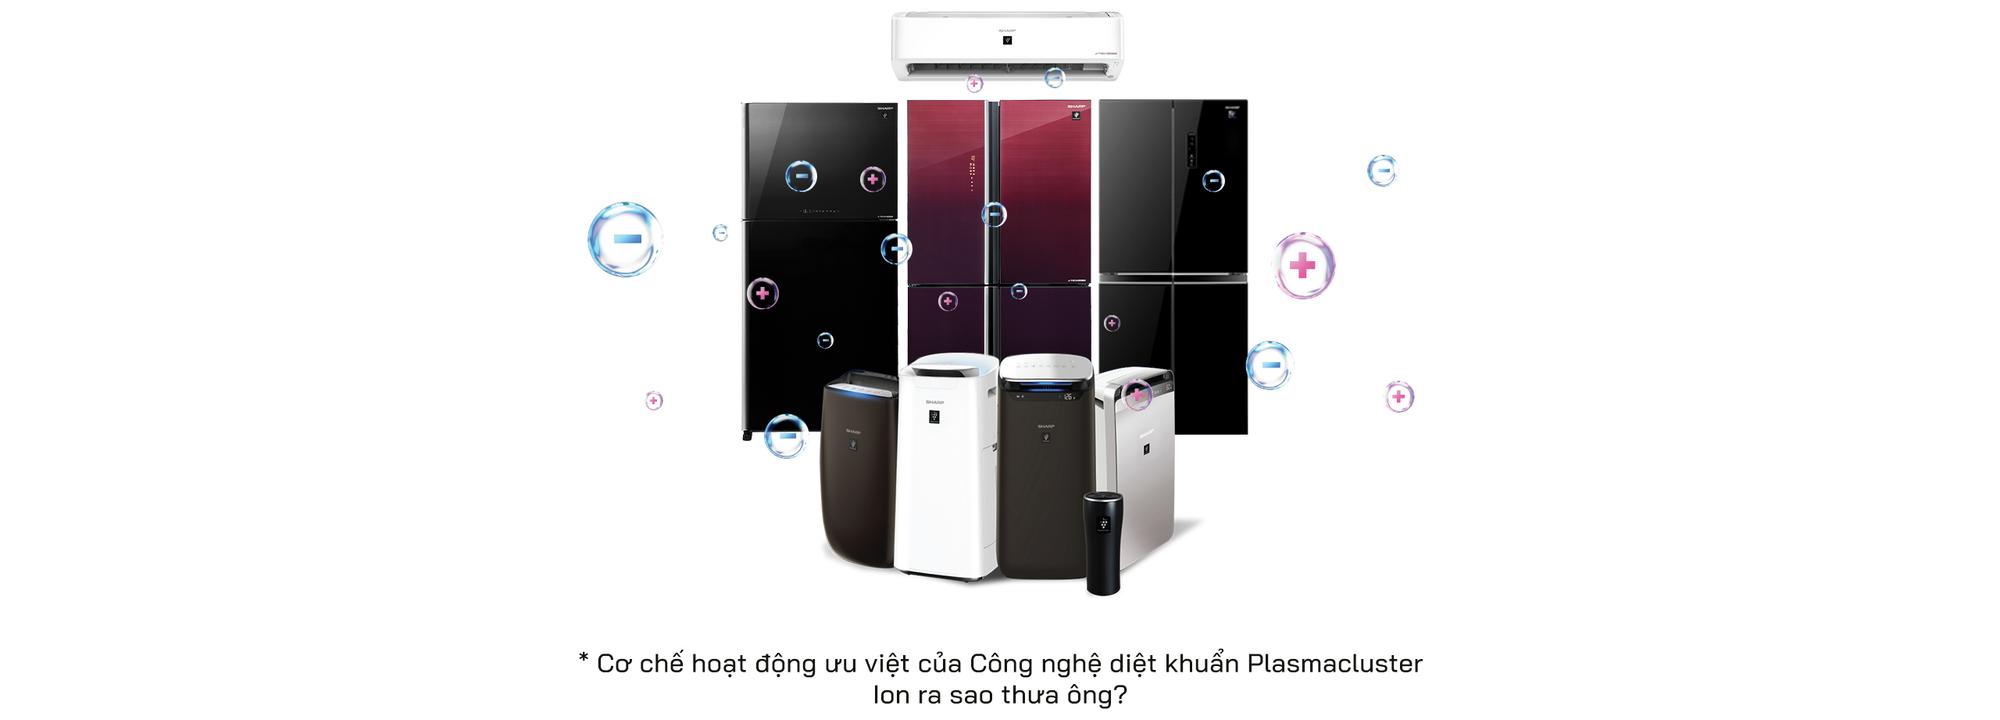 Phó tổng giám đốc Sharp Việt Nam: Chúng tôi chỉ hạnh phúc khi mang hạnh phúc đến cho người dùng - Ảnh 3.